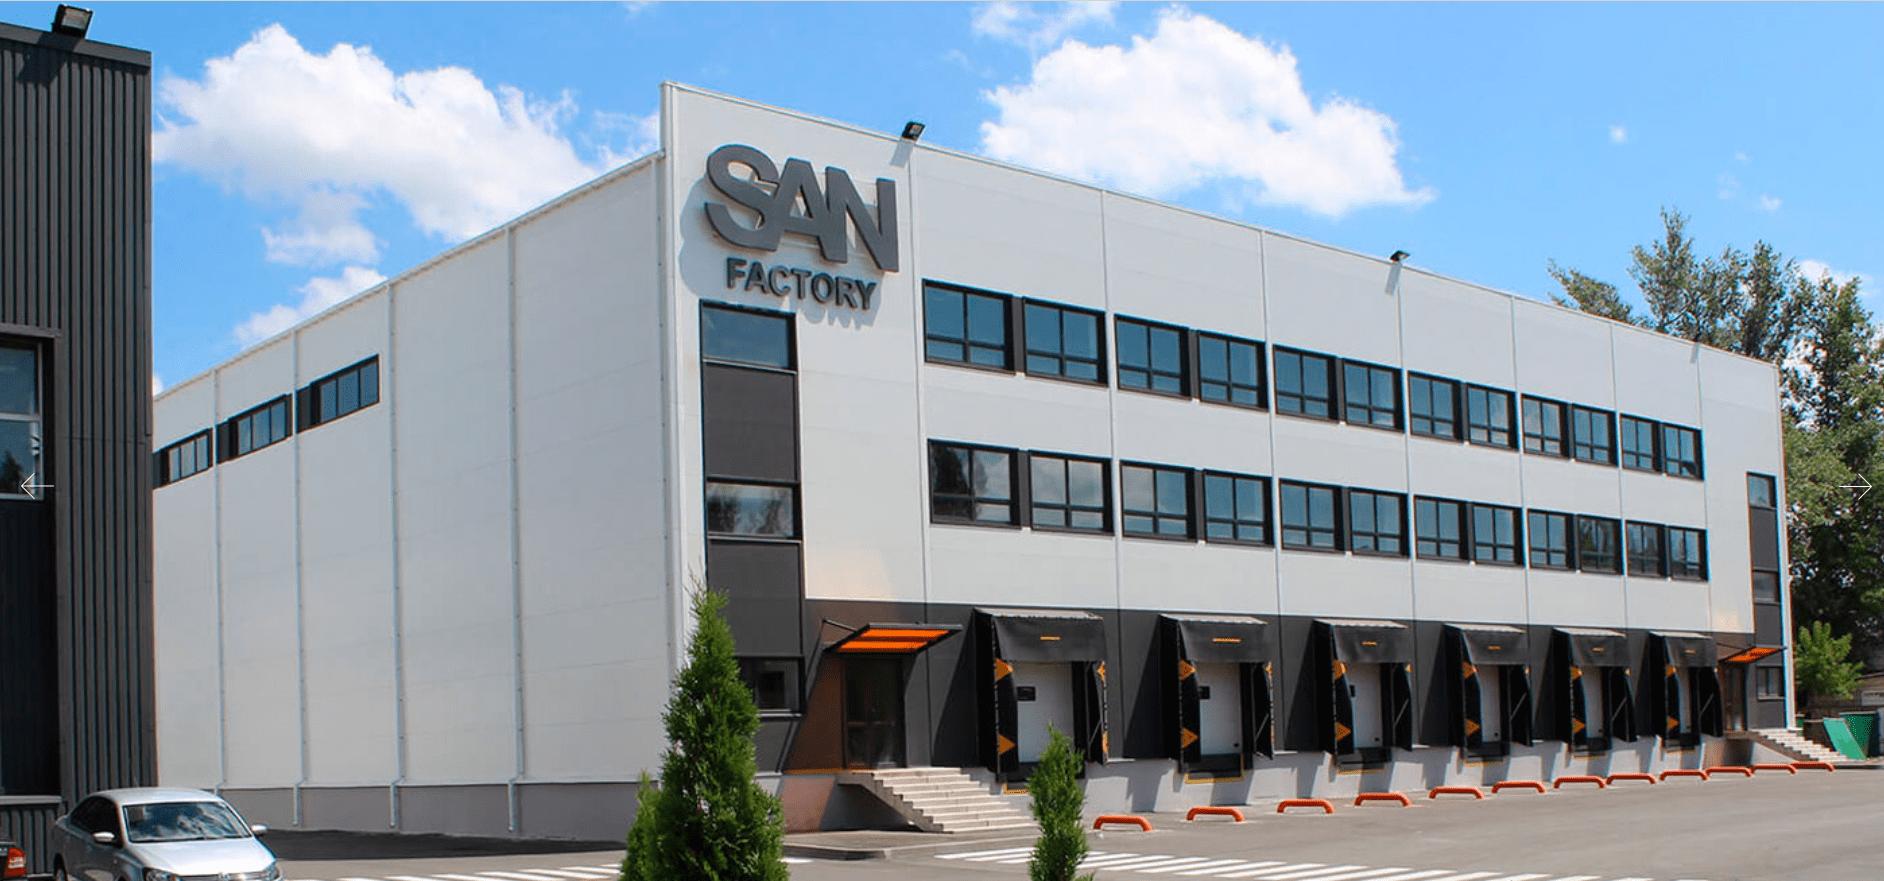 SAN FACTORY-1 logistics complex